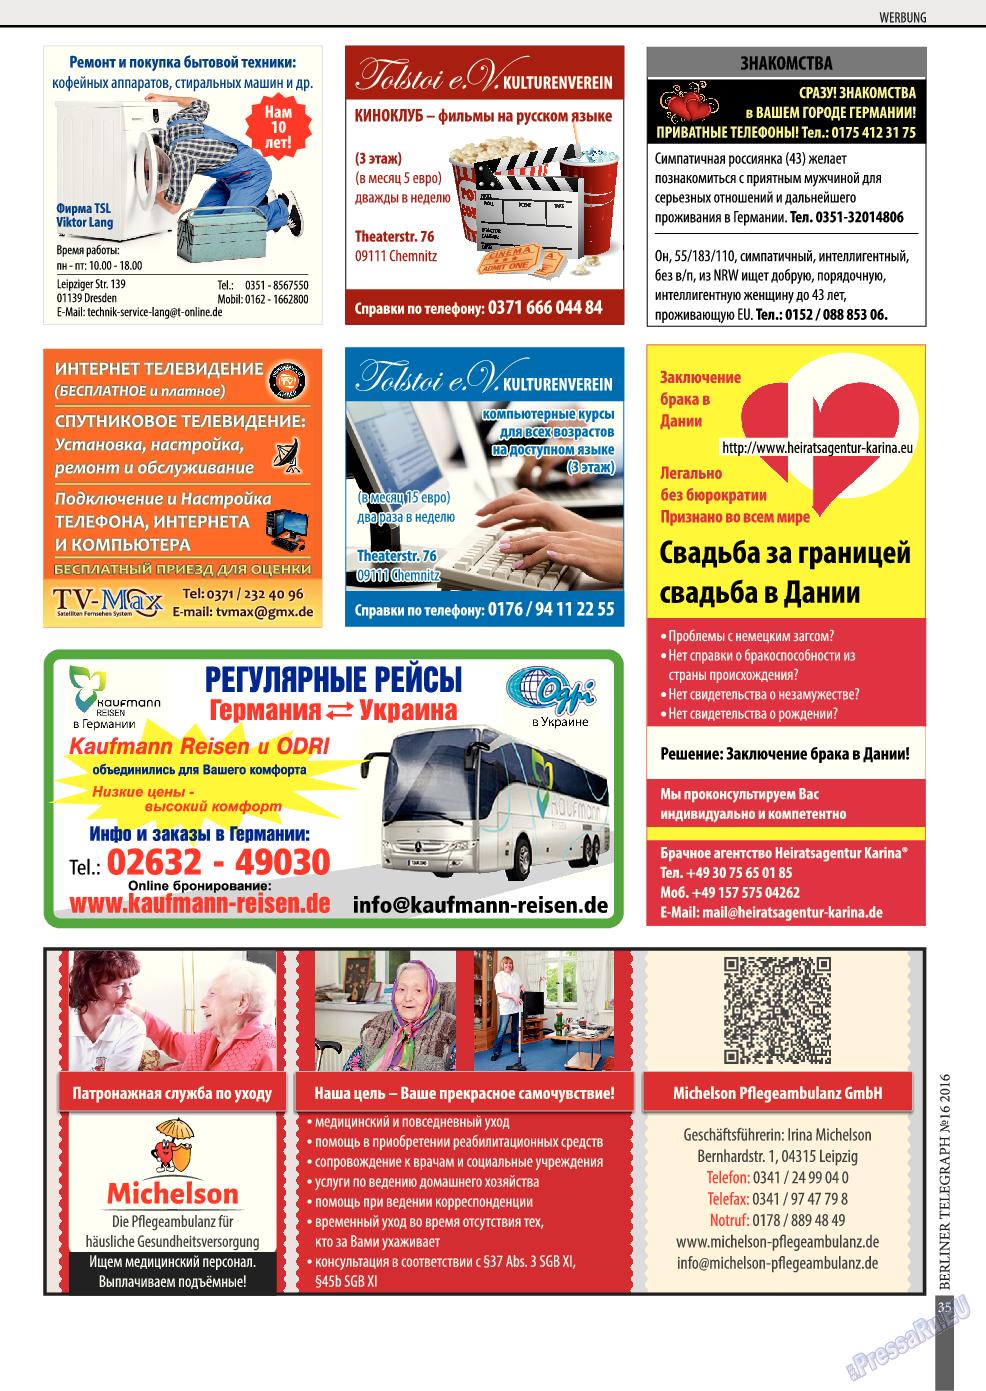 Берлинский телеграф (журнал). 2016 год, номер 16, стр. 35